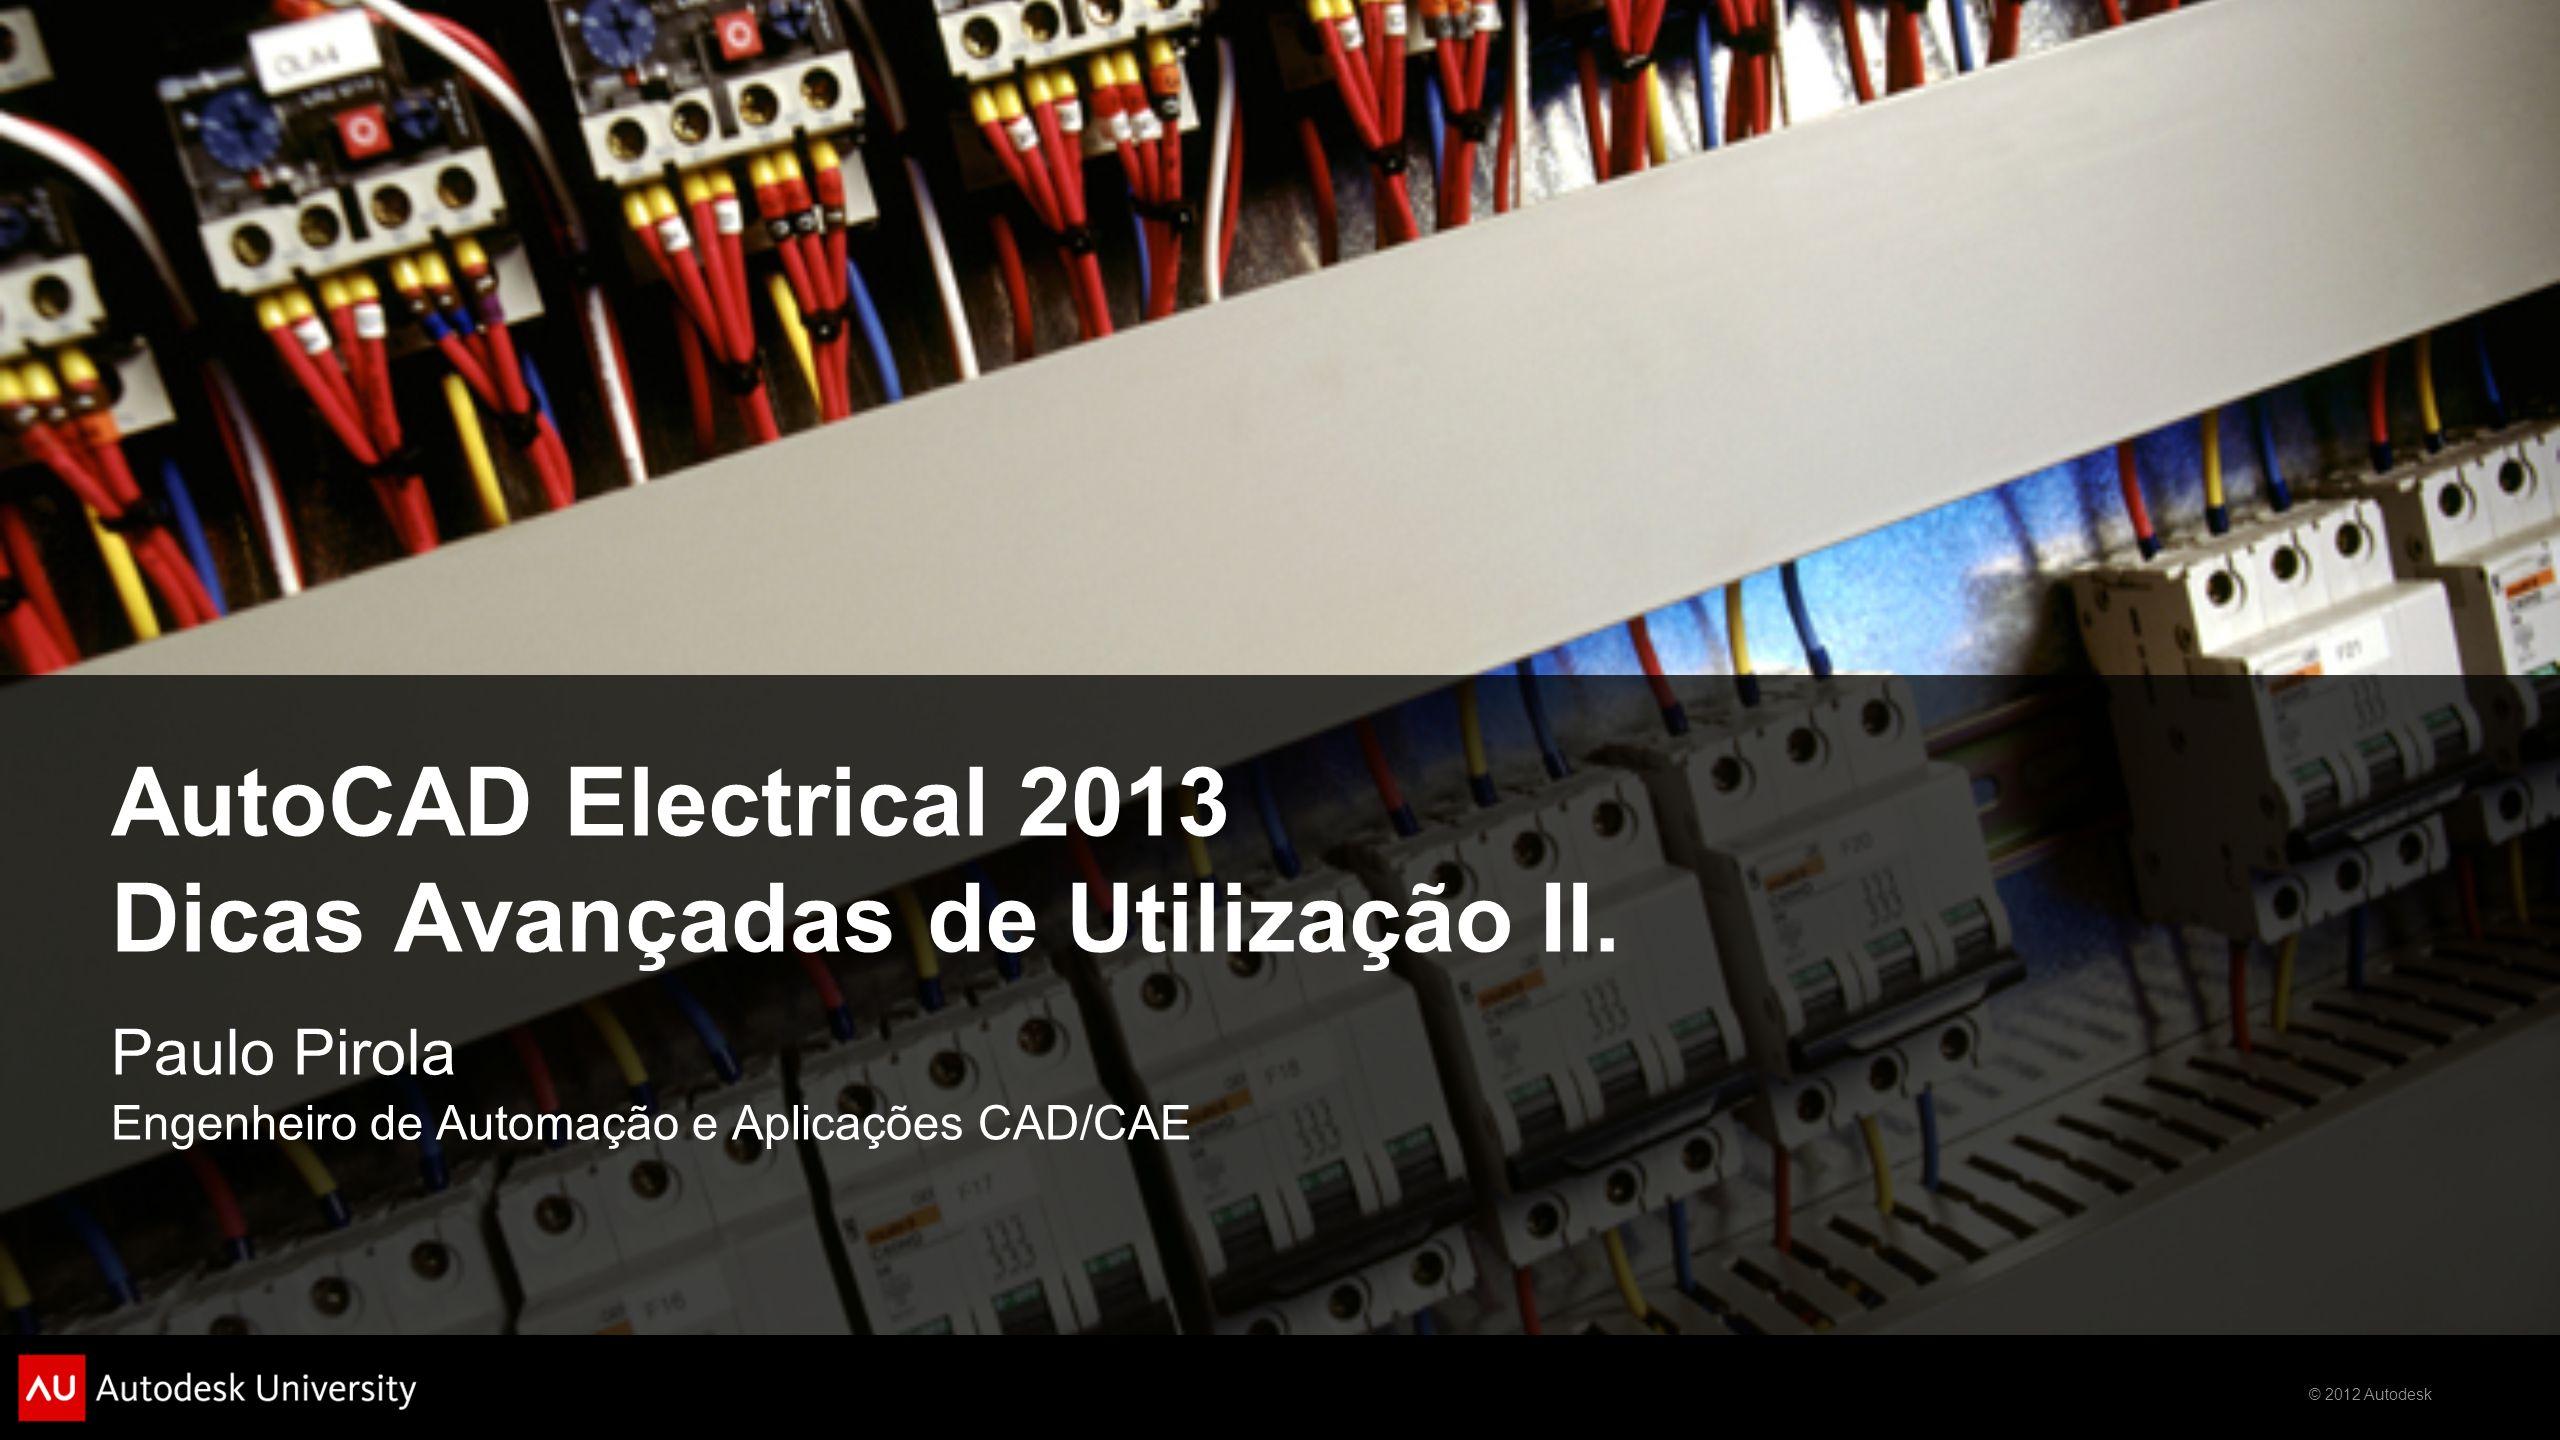 © 2012 Autodesk AutoCAD Electrical 2013 Dicas Avançadas de Utilização II. Paulo Pirola Engenheiro de Automação e Aplicações CAD/CAE